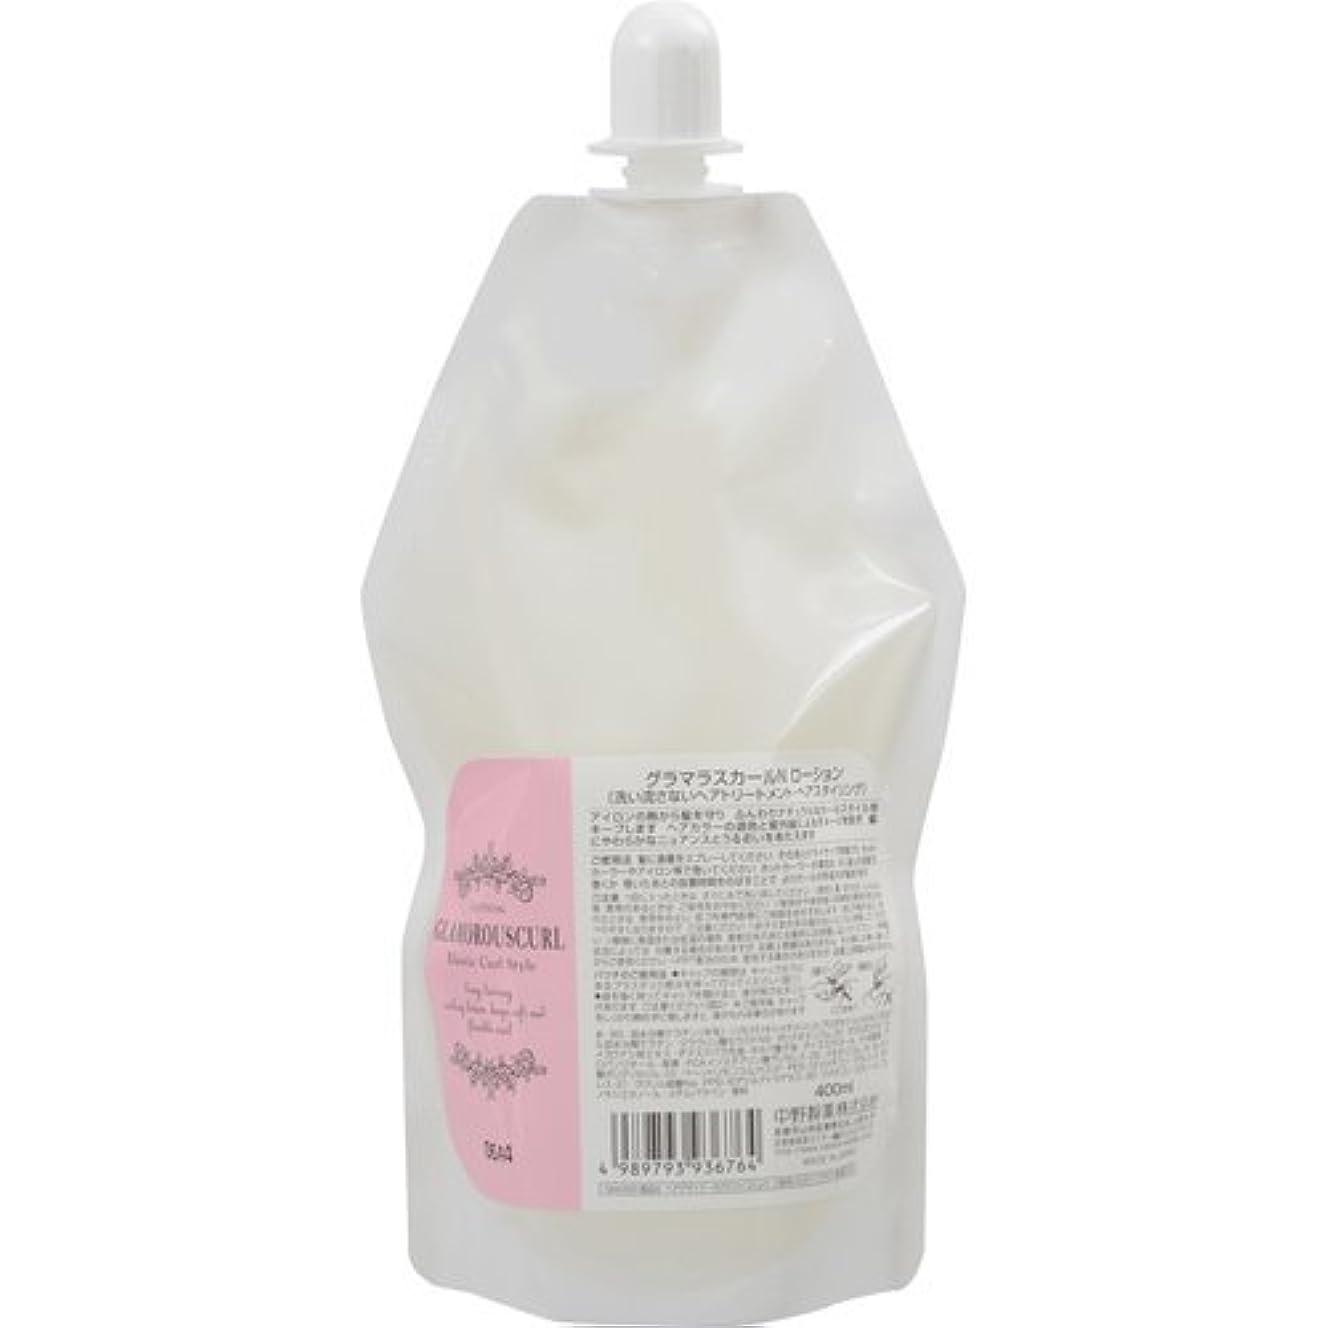 持つゴミ箱を空にする手当中野製薬 グラマラスカールN ローション 400ml